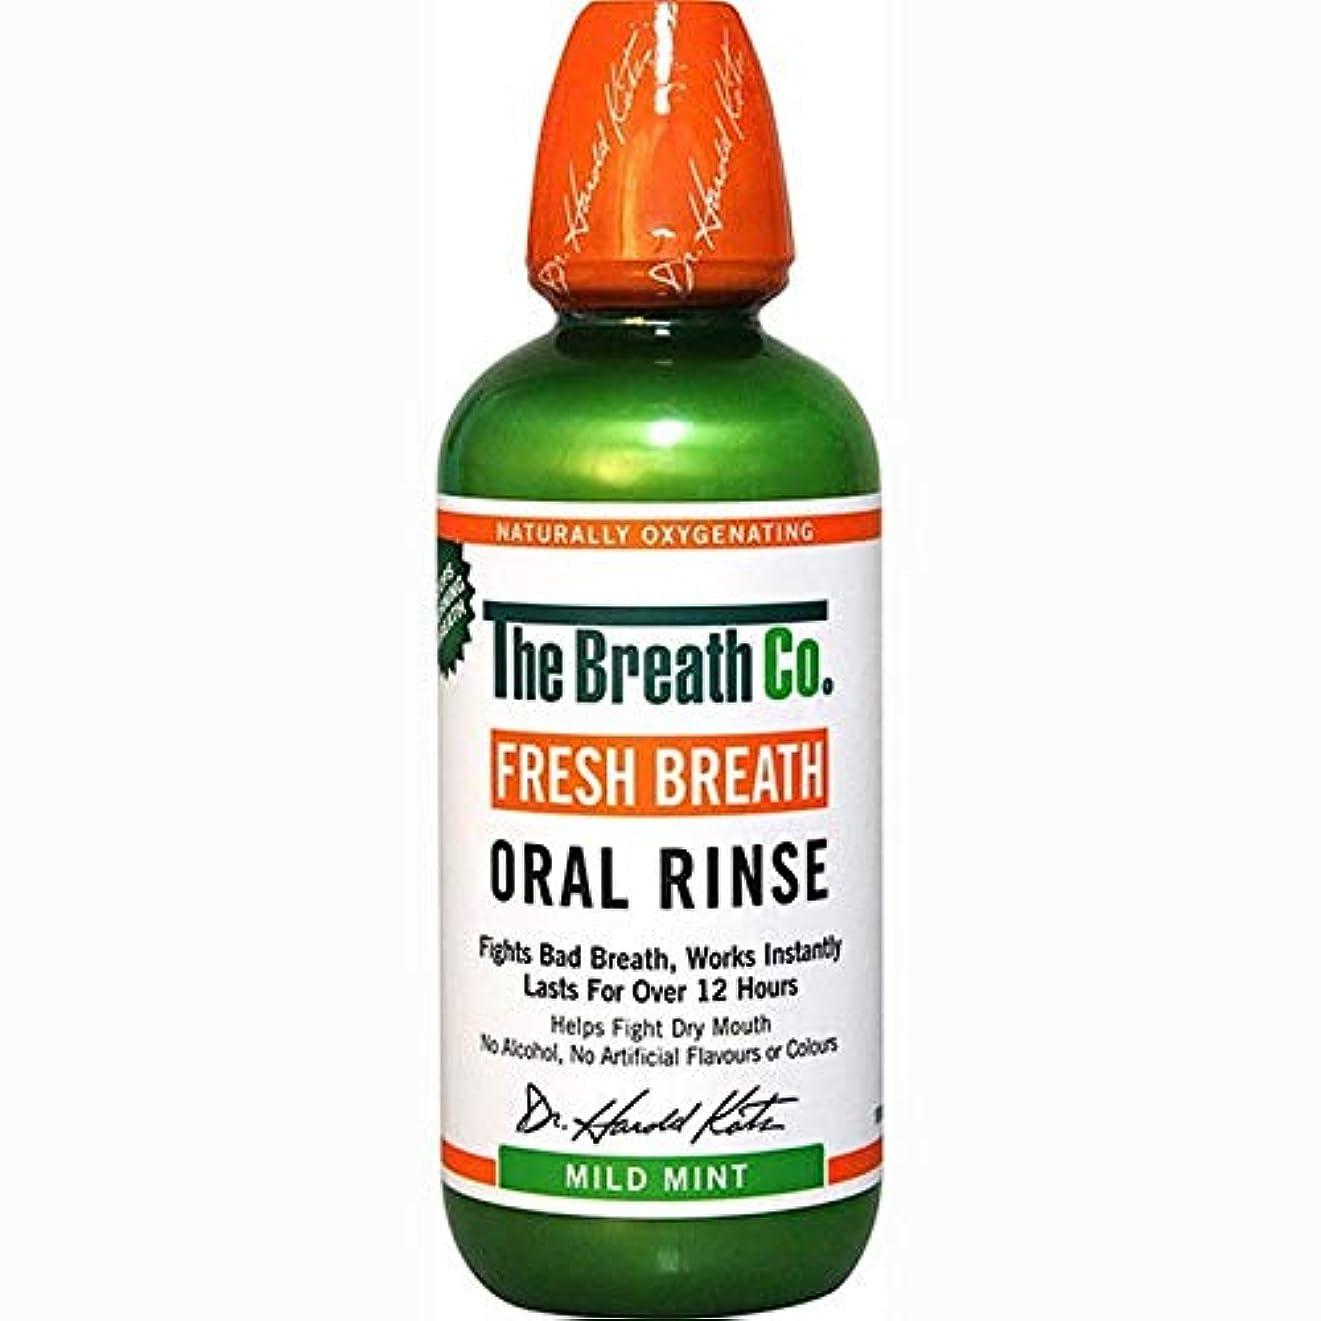 重くするずらす故意に[The Breath Co] 息のCo新鮮な息口腔リンスマイルドミント500ミリリットル - The Breath Co Fresh Breath Oral Rinse Mild Mint 500ml [並行輸入品]